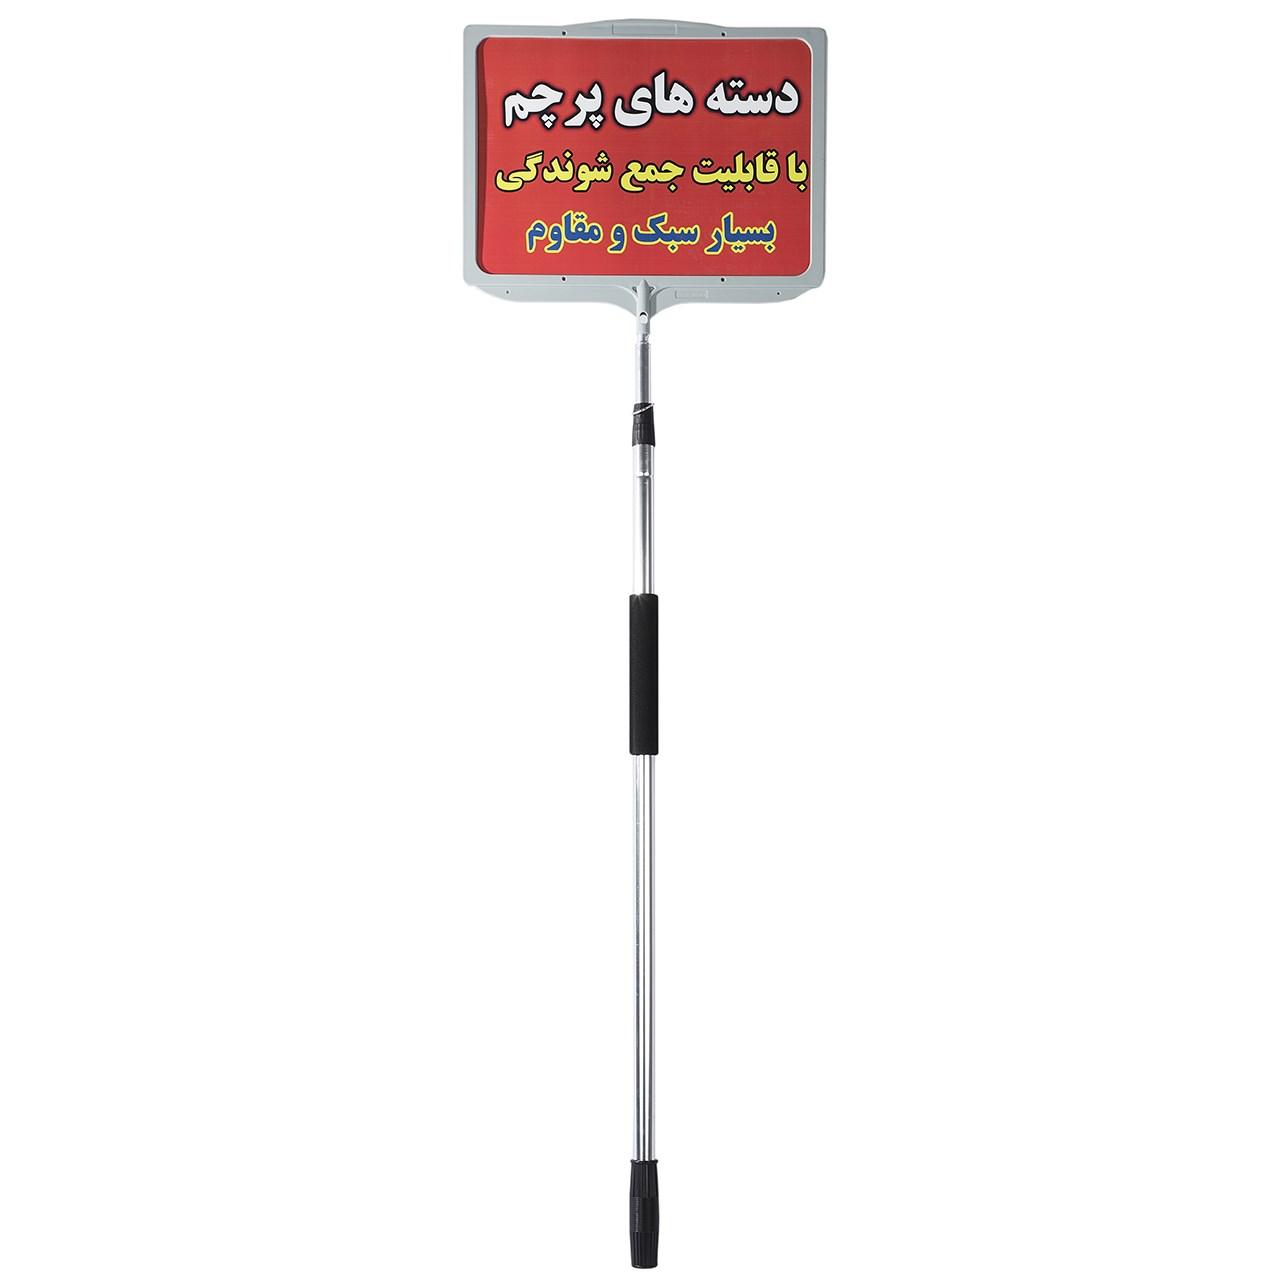 دسته پرچم سه متری افرا